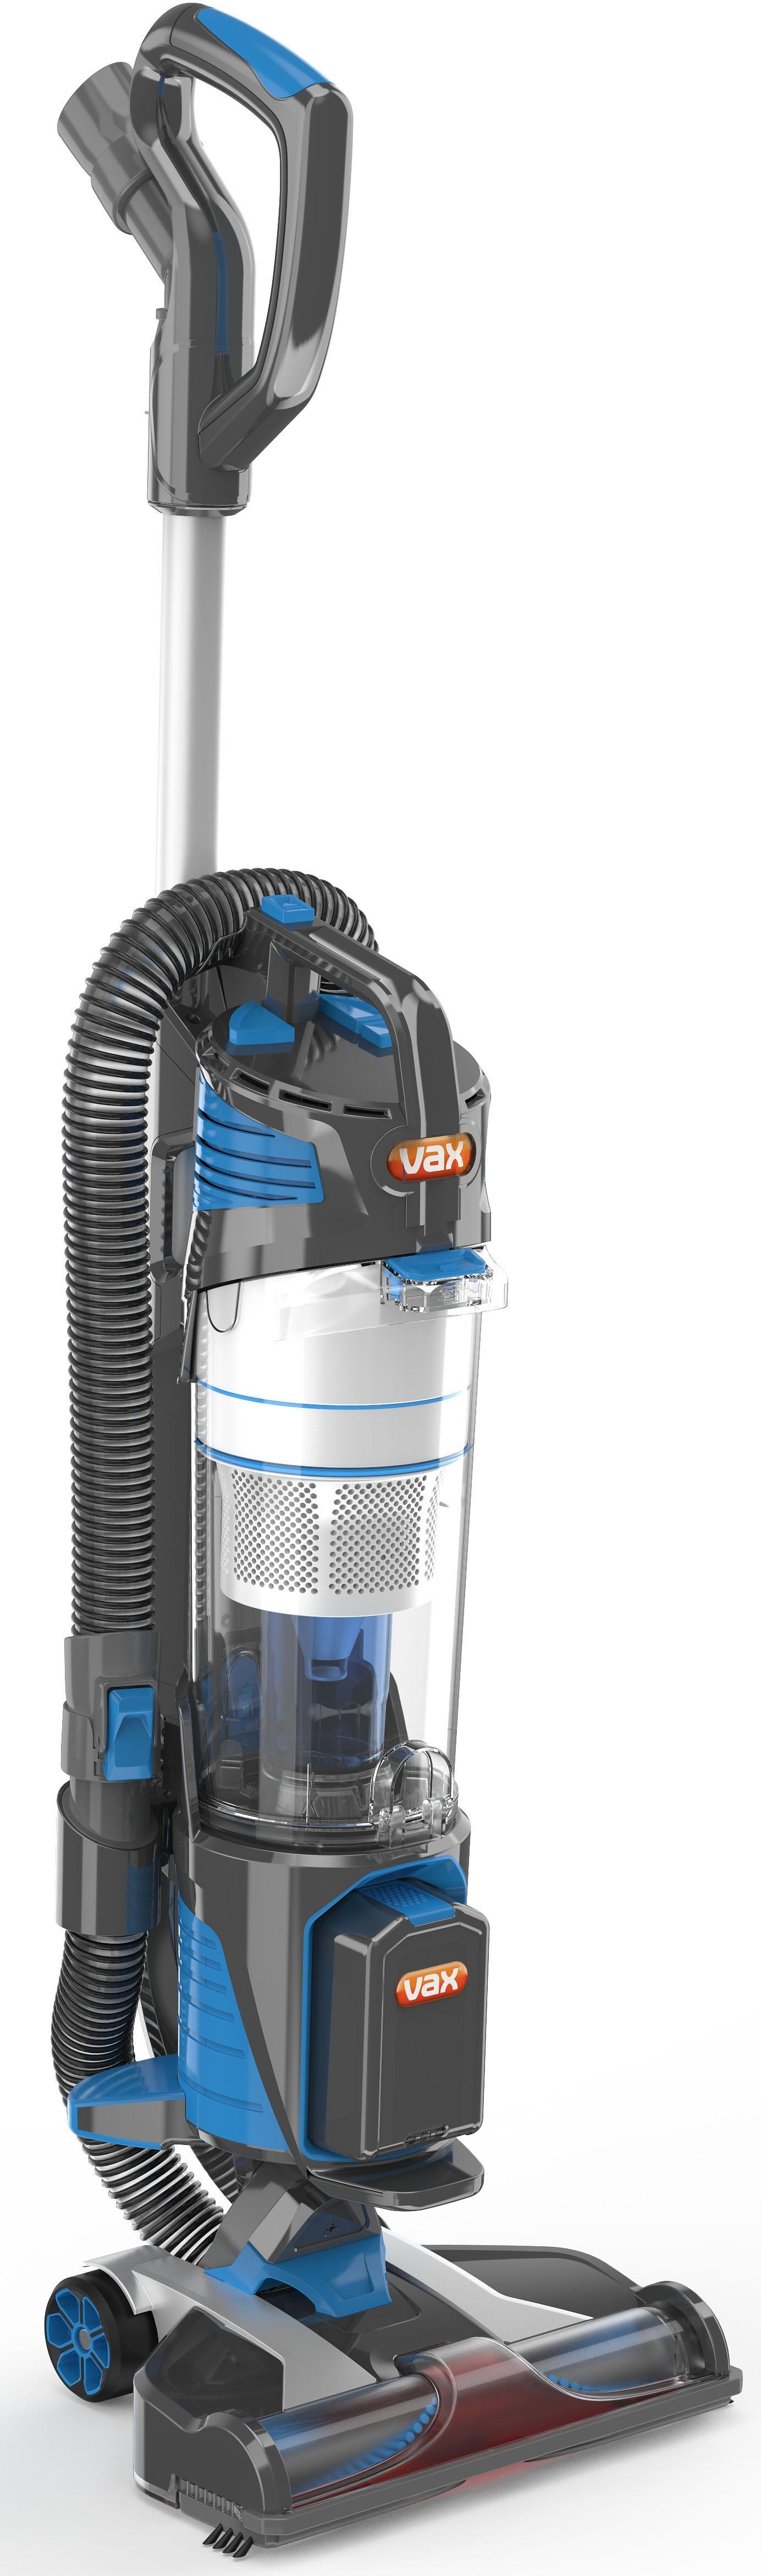 Vax Air Cordless Lift U85-ACLG-B-E Draadloze steelstofzuiger veilig op otto.nl kopen